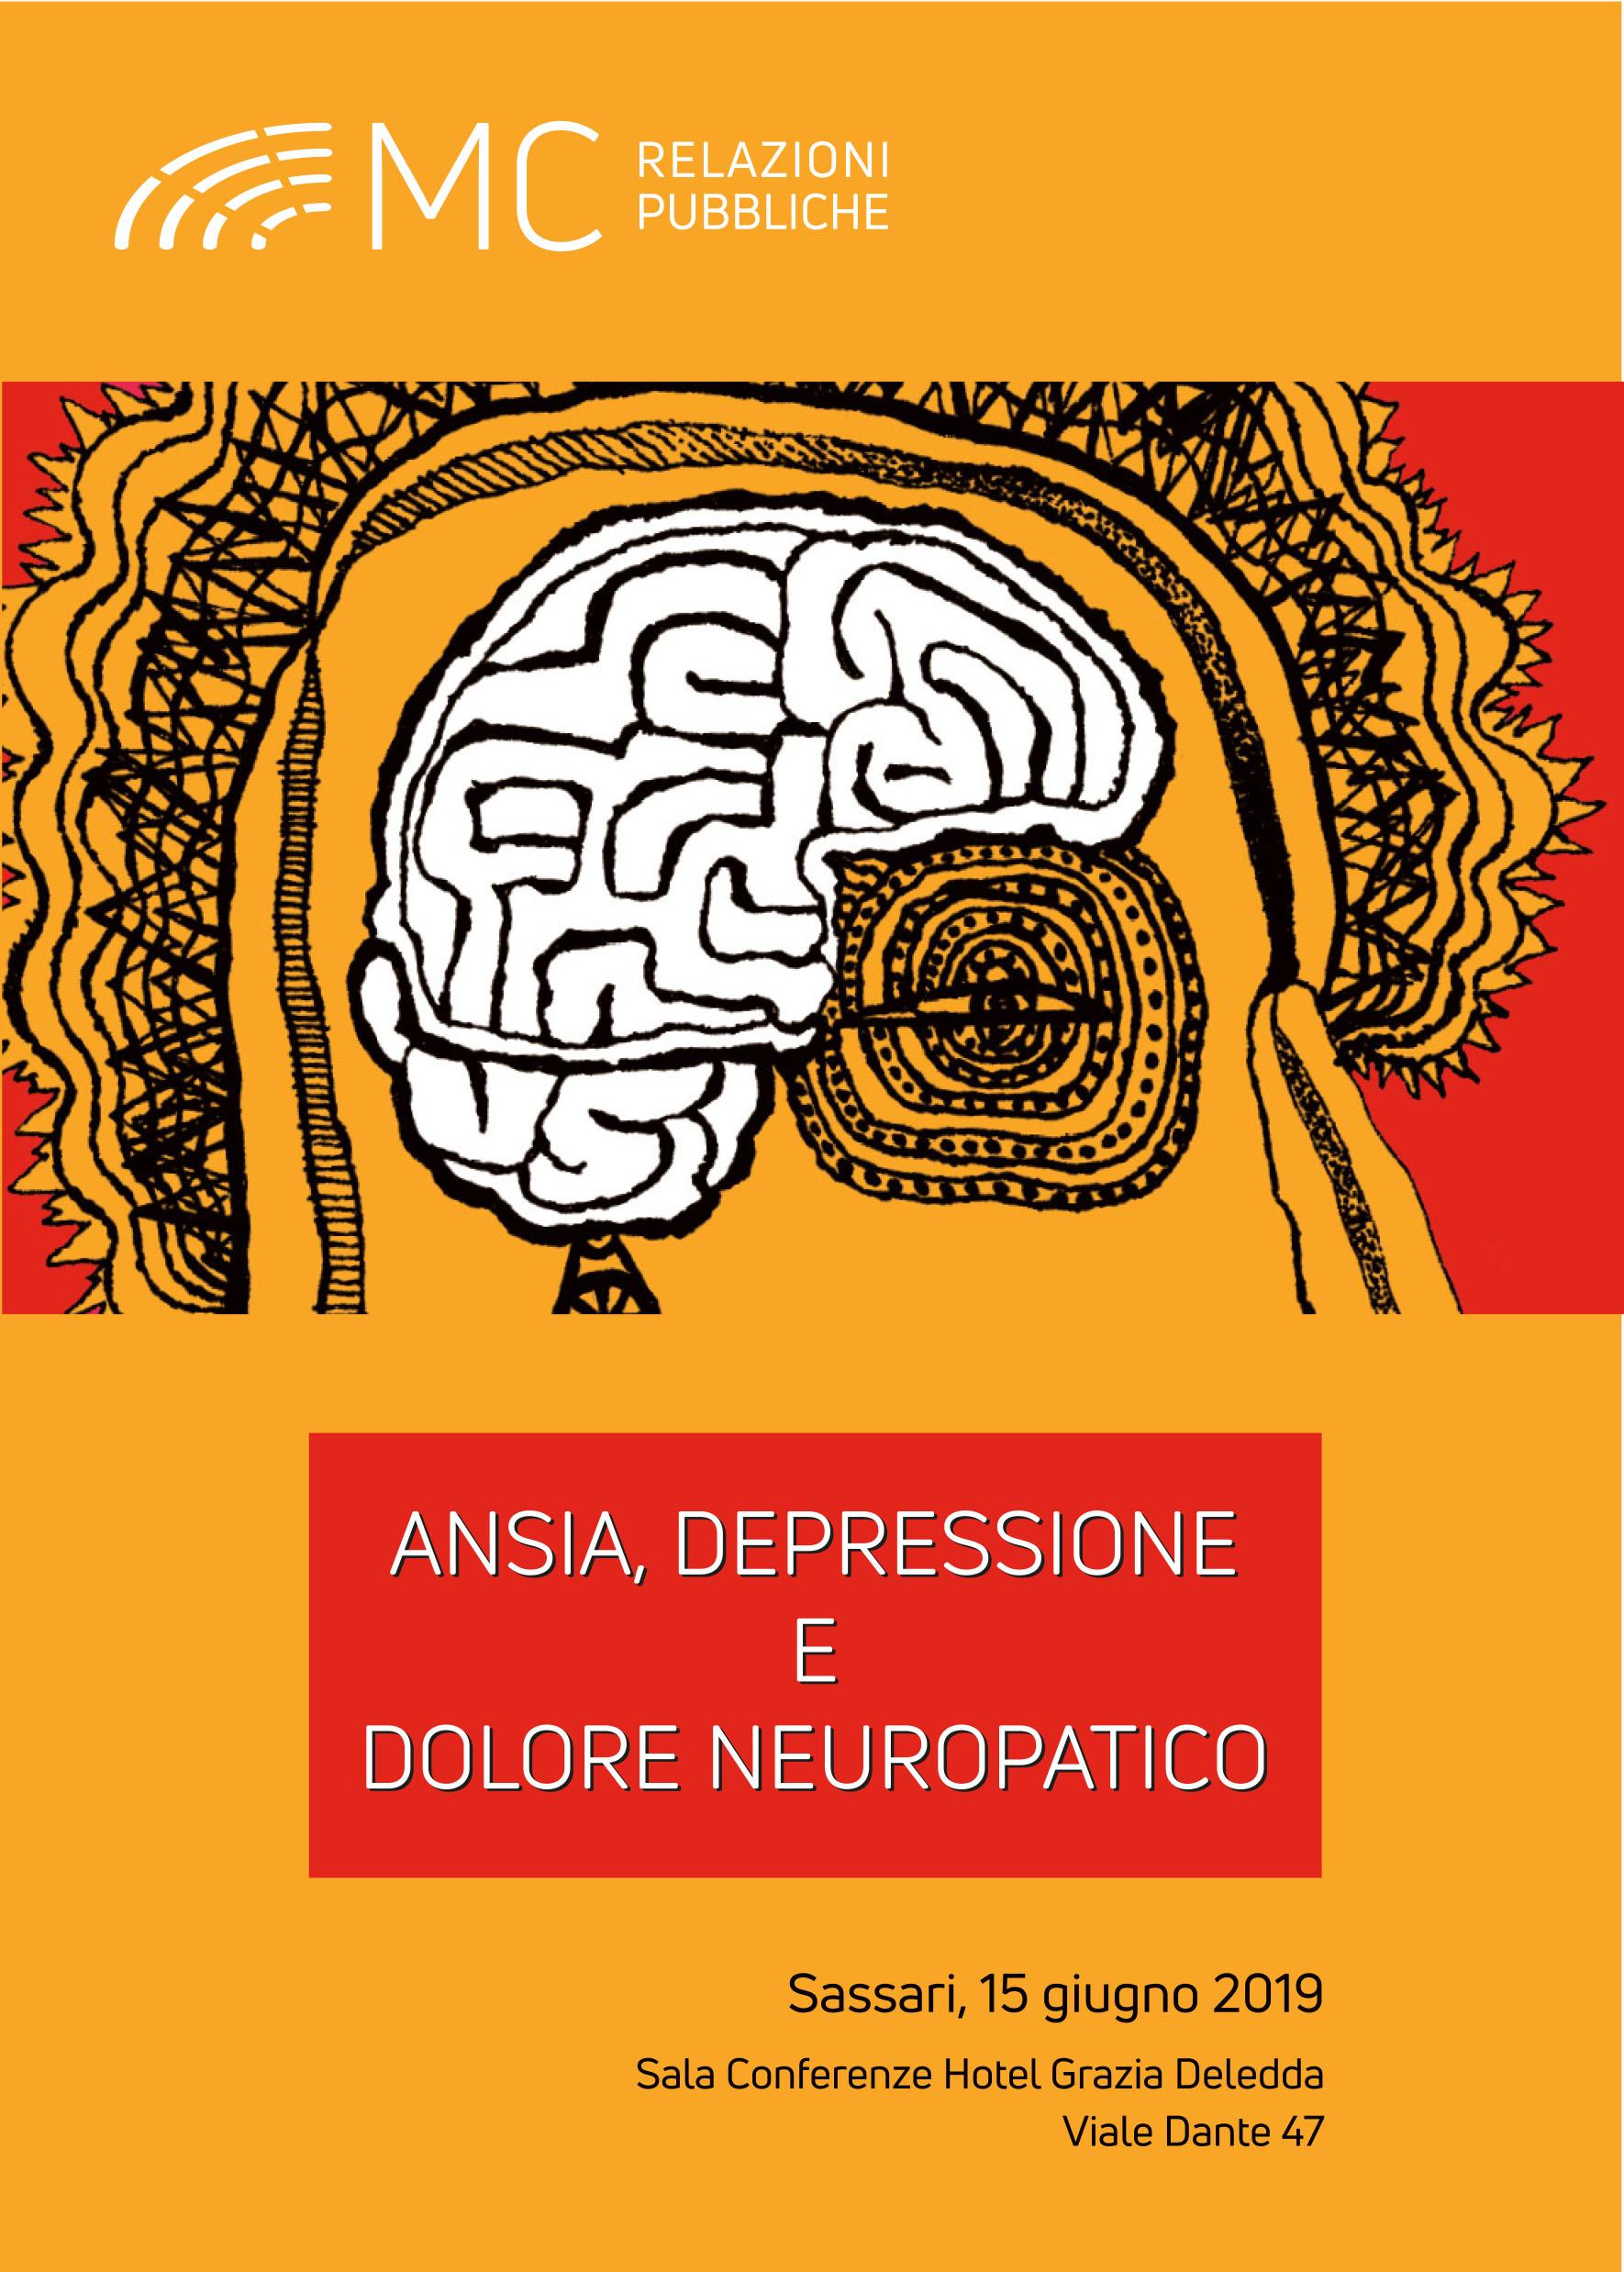 Ansia, depressione e dolore neuropatico